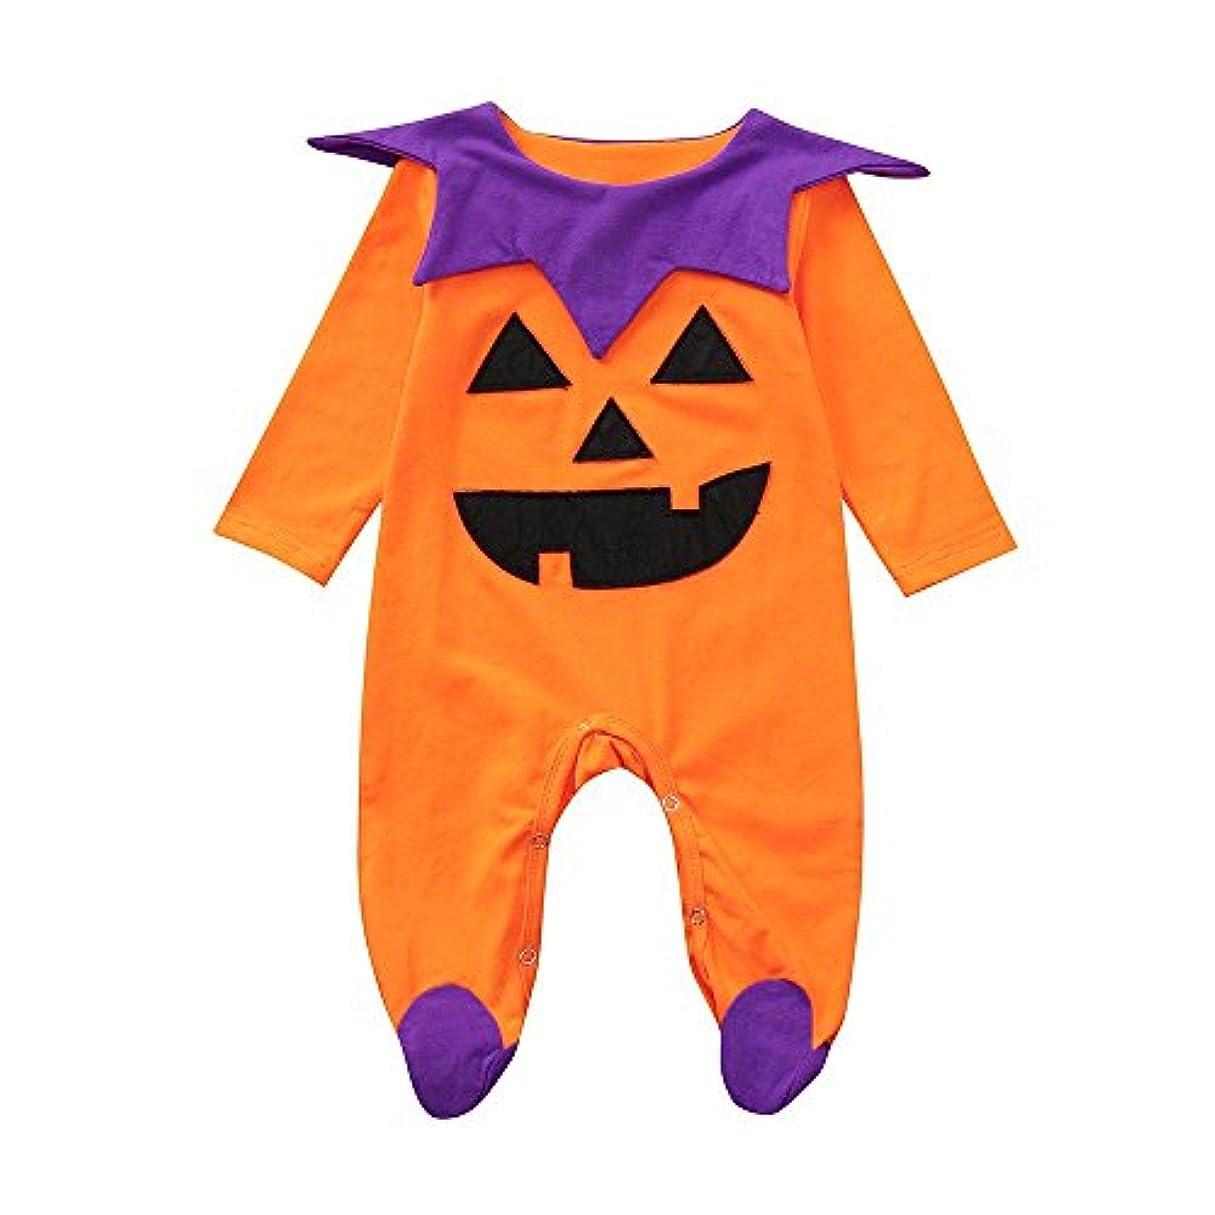 聞きますドメイン奪うBHKK 子供 幼児少年少女ロングスリーブロンパージャンプススーツハロウィーンの装飾衣装 6ヶ月 - 24ヶ月